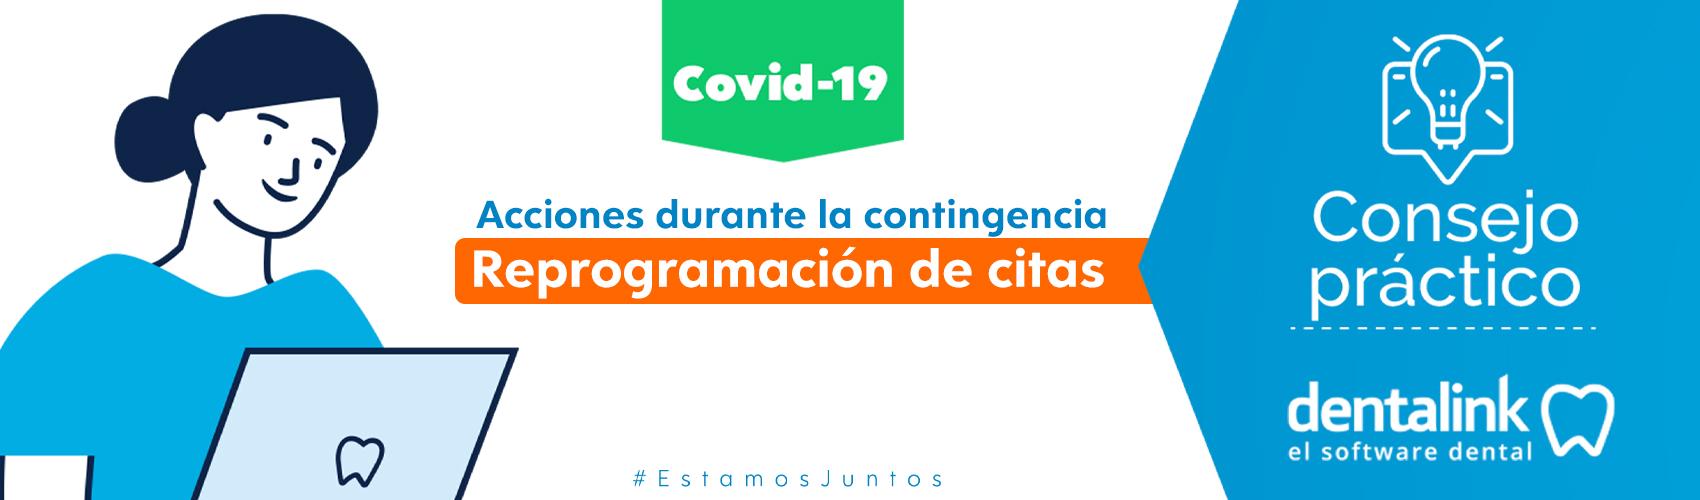 Reprogramar citas. Primera acción para consultas dentales por COVID-19